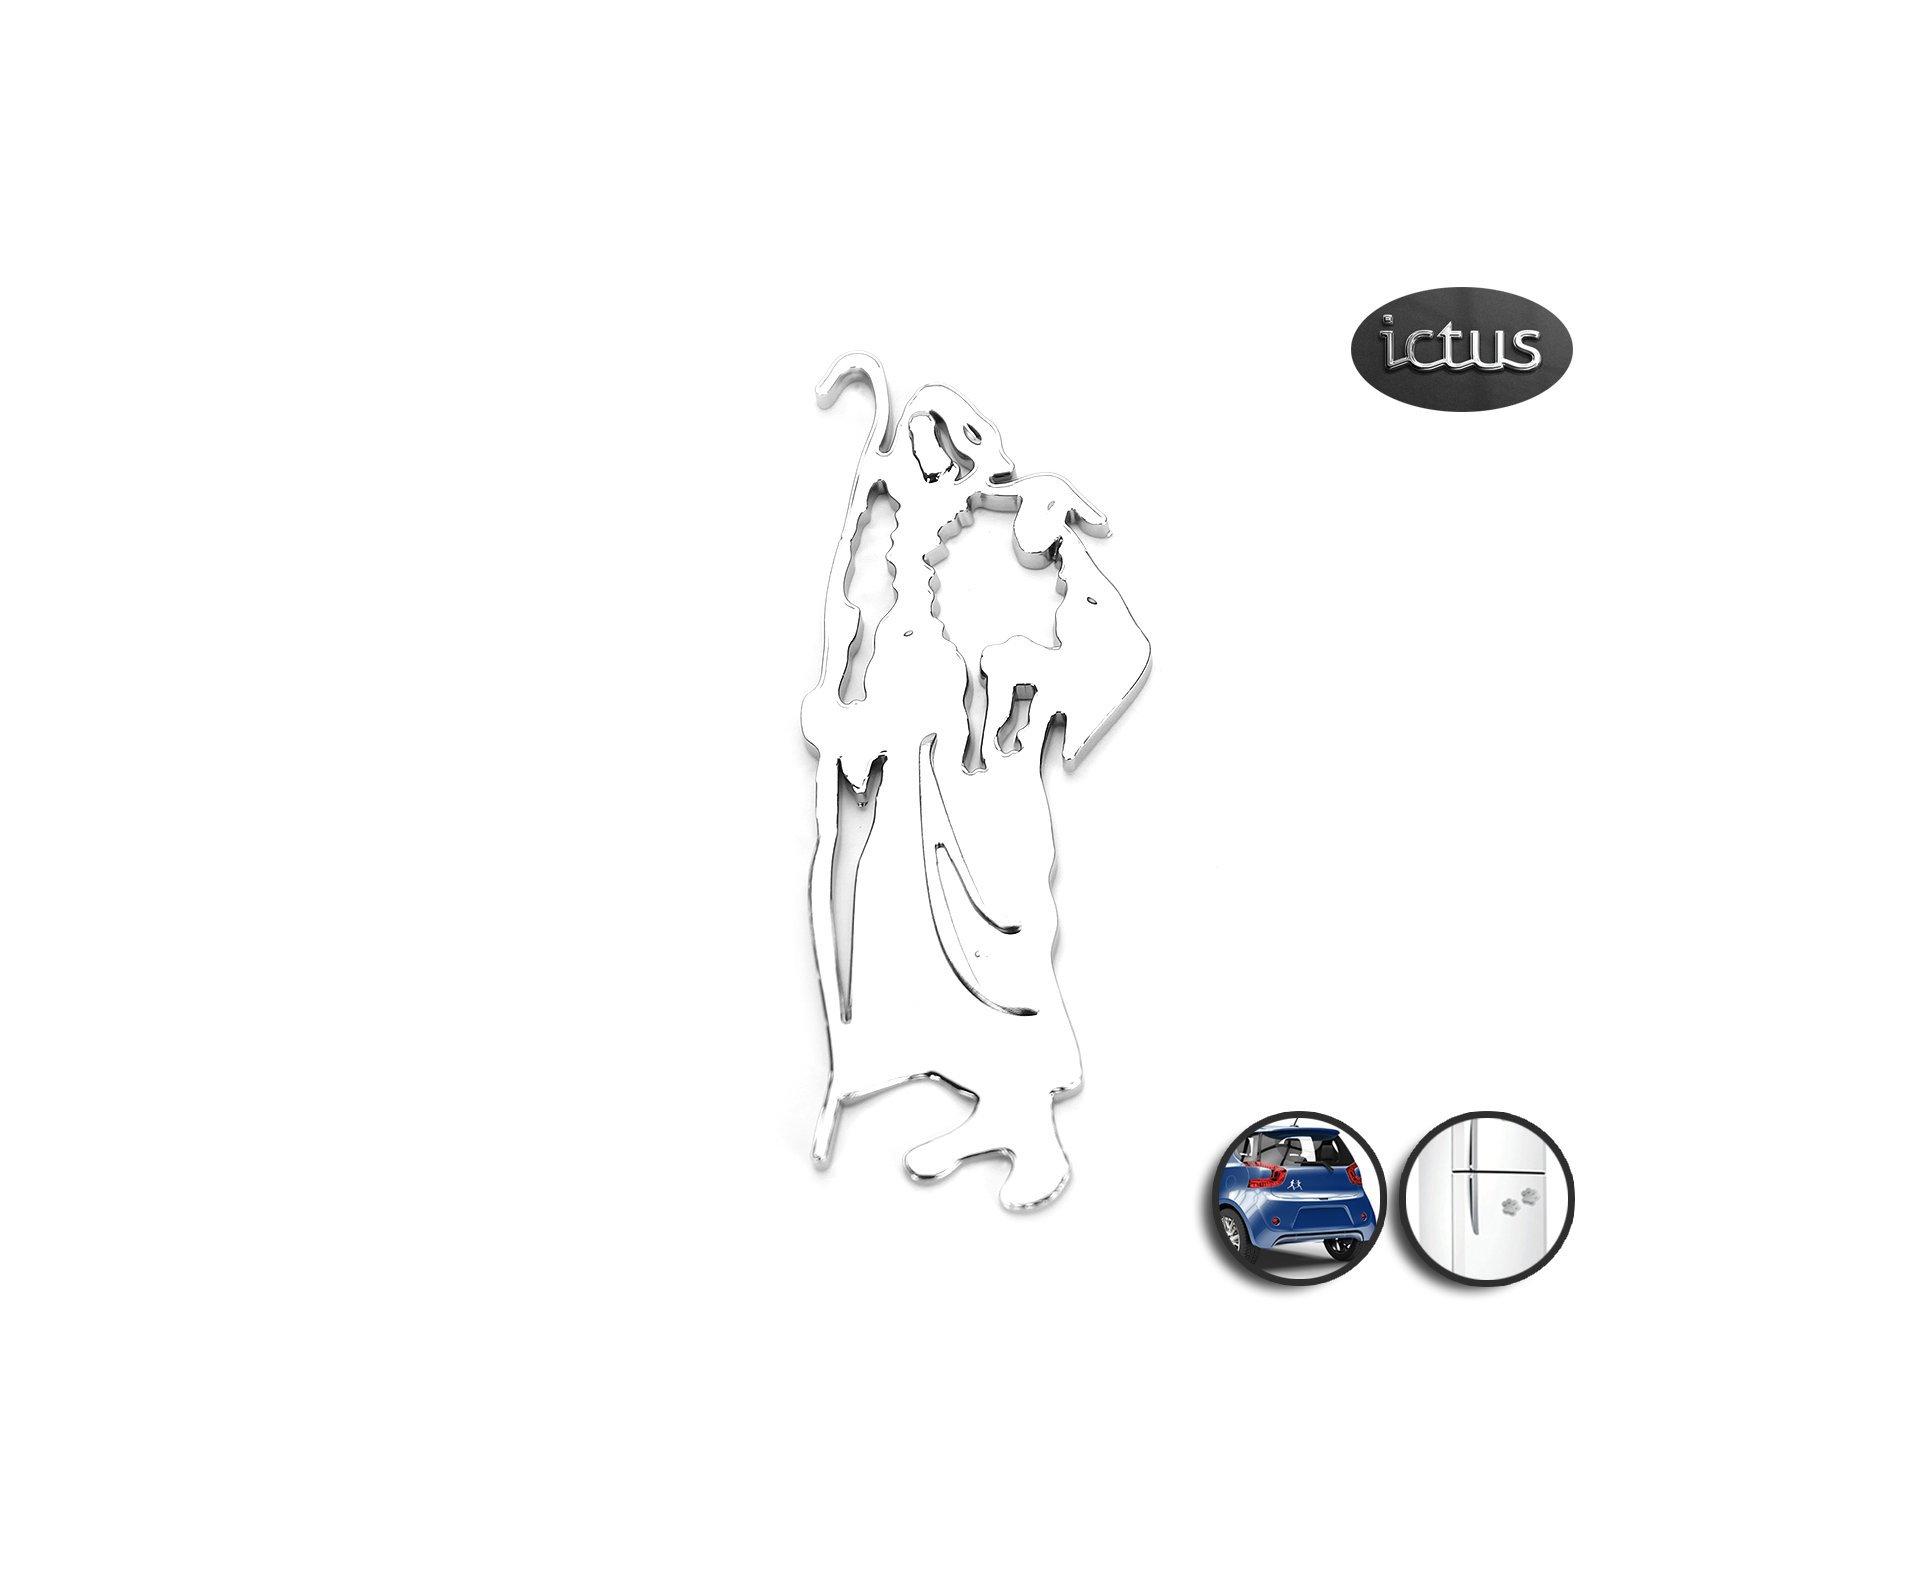 Emblema Pastor - Ictus